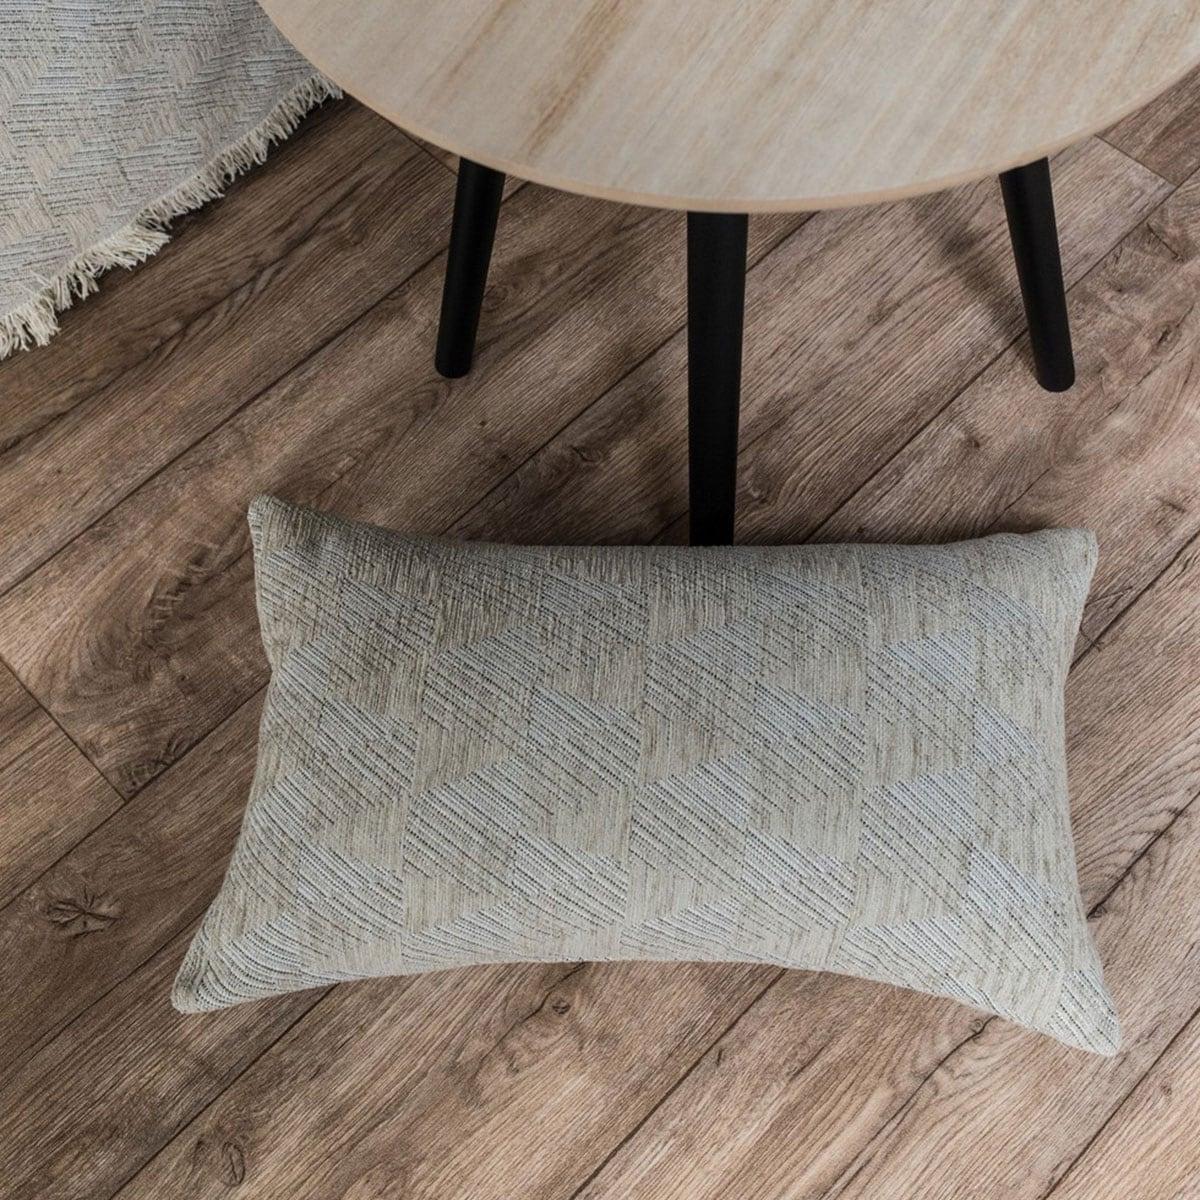 Μαξιλάρι Διακοσμητικό (Με Γέμιση) Memphis 07 Sand Teoran 30Χ50 Ακρυλικό-Polyester